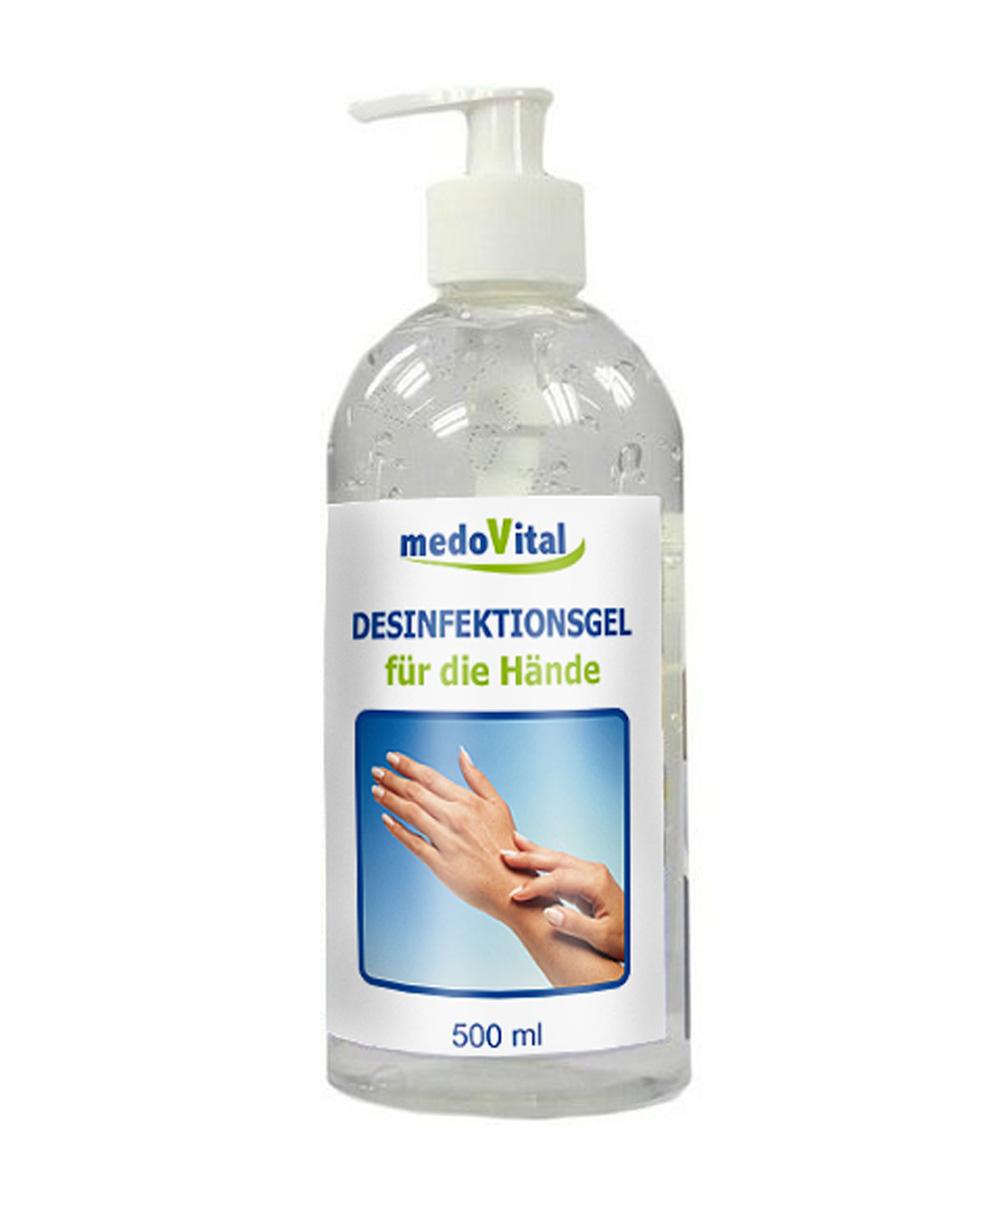 Desinfektionsgel in Spender für die Hände, 500ml